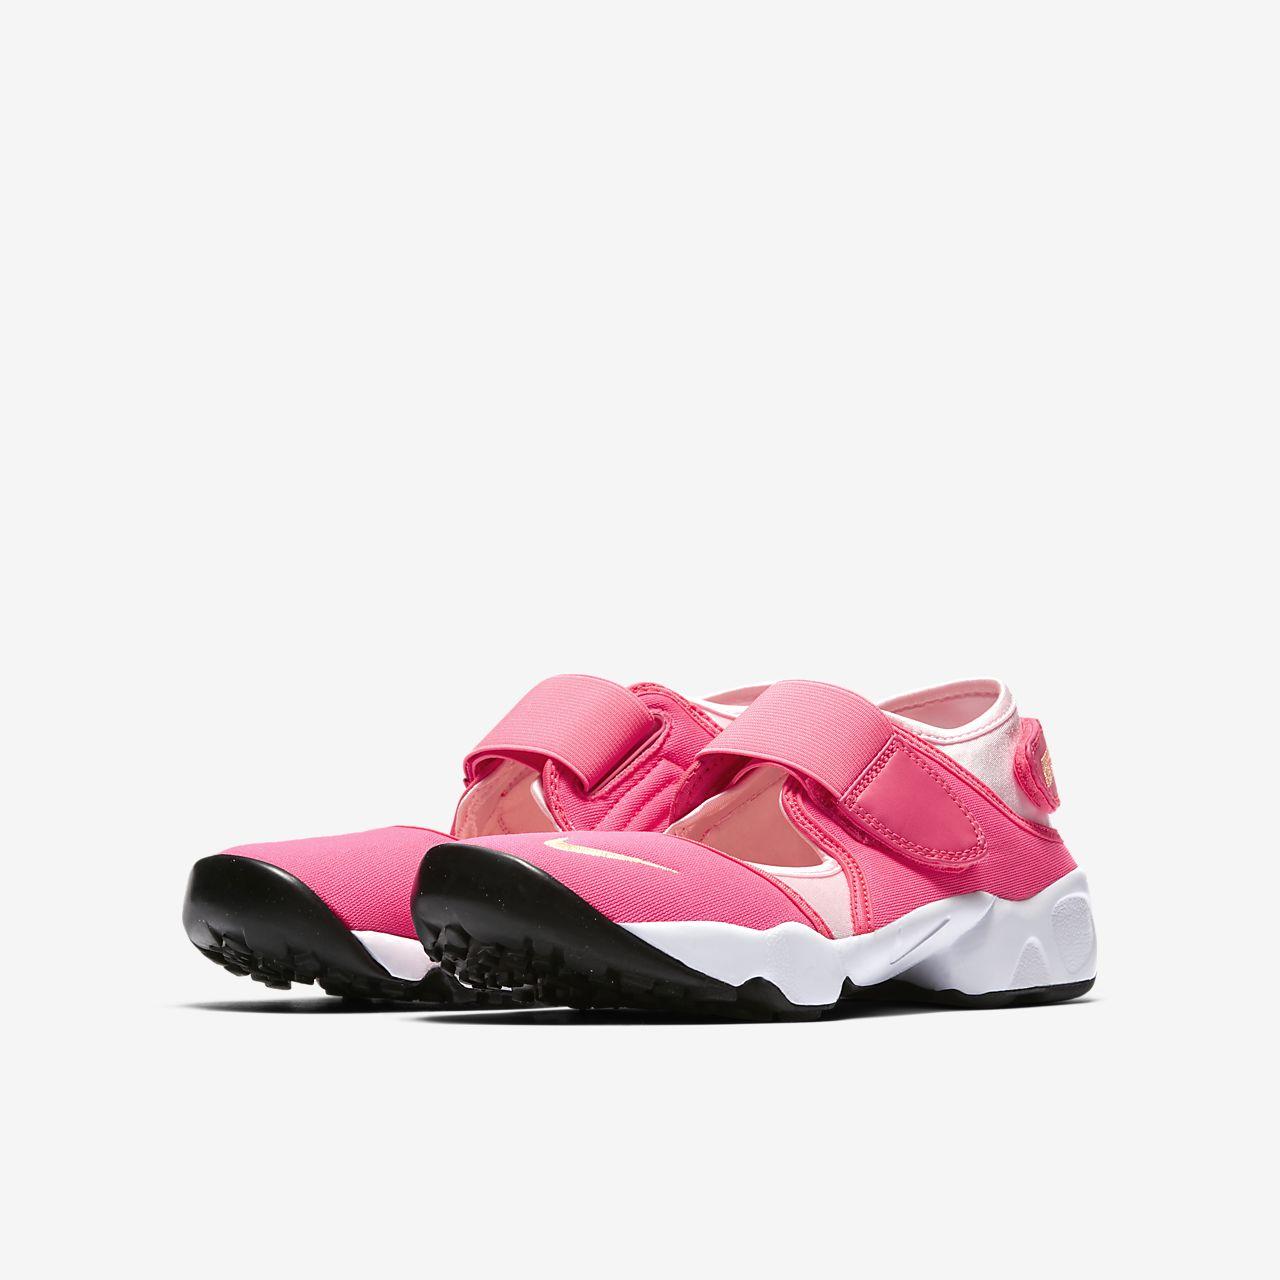 2ef198ec628 Nike Rift Zapatillas - Niño a y niño a pequeño a . Nike.com ES